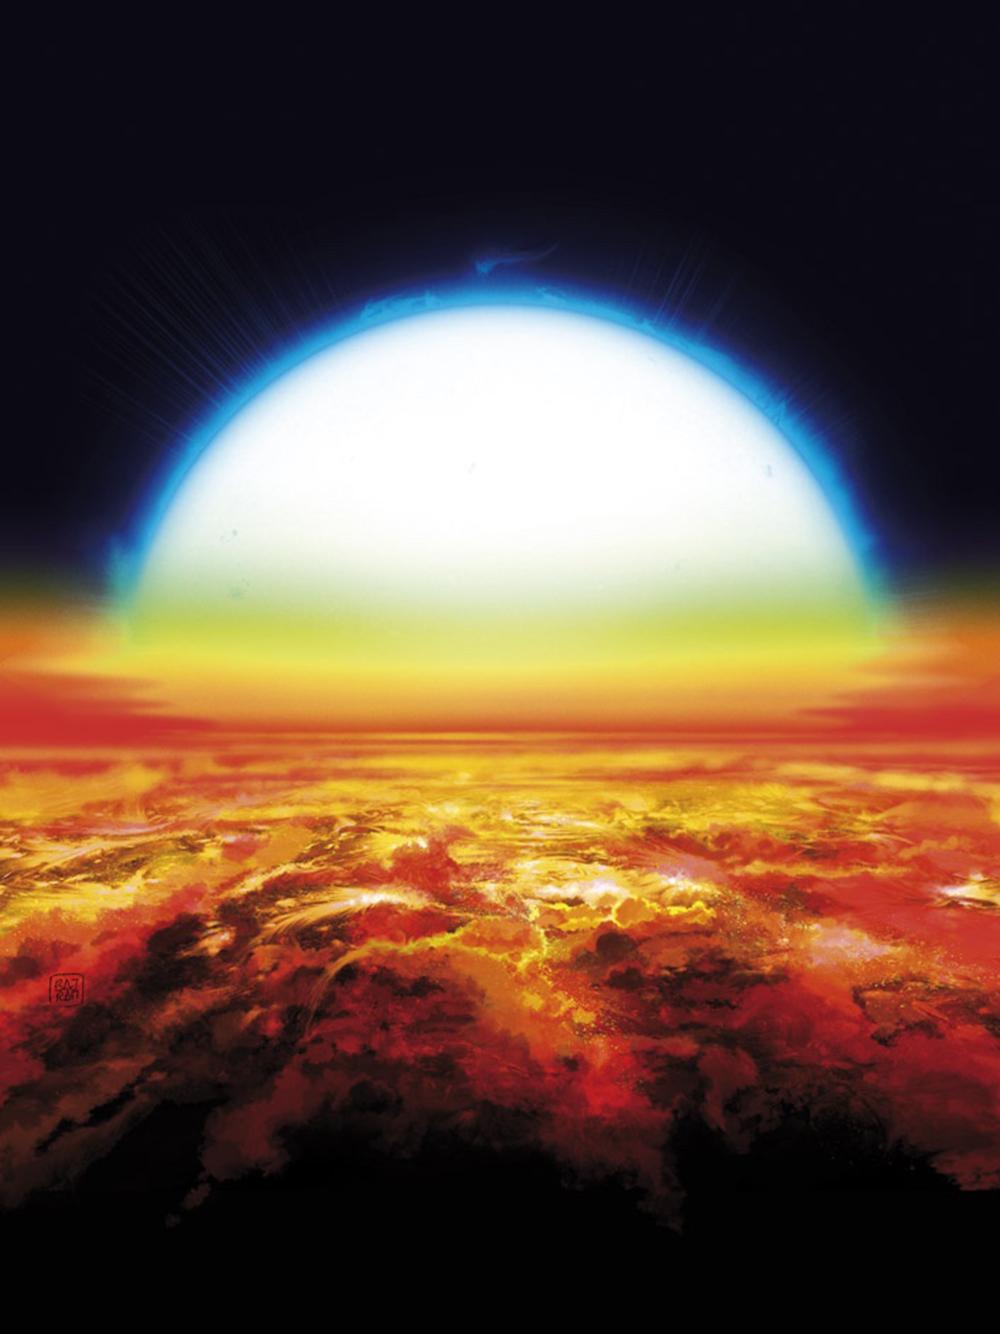 Künstlerische Ansicht eines Sonnenuntergangs über KELT-9b. Unter dieser sengenden Sonne ist die Atmosphäre des Planeten warm genug, um in rötlich-orangenen Tönen zu leuchten und Schwermetalle wie Eisen und Titan zu verdampfen. Bild: © Denis Bajram